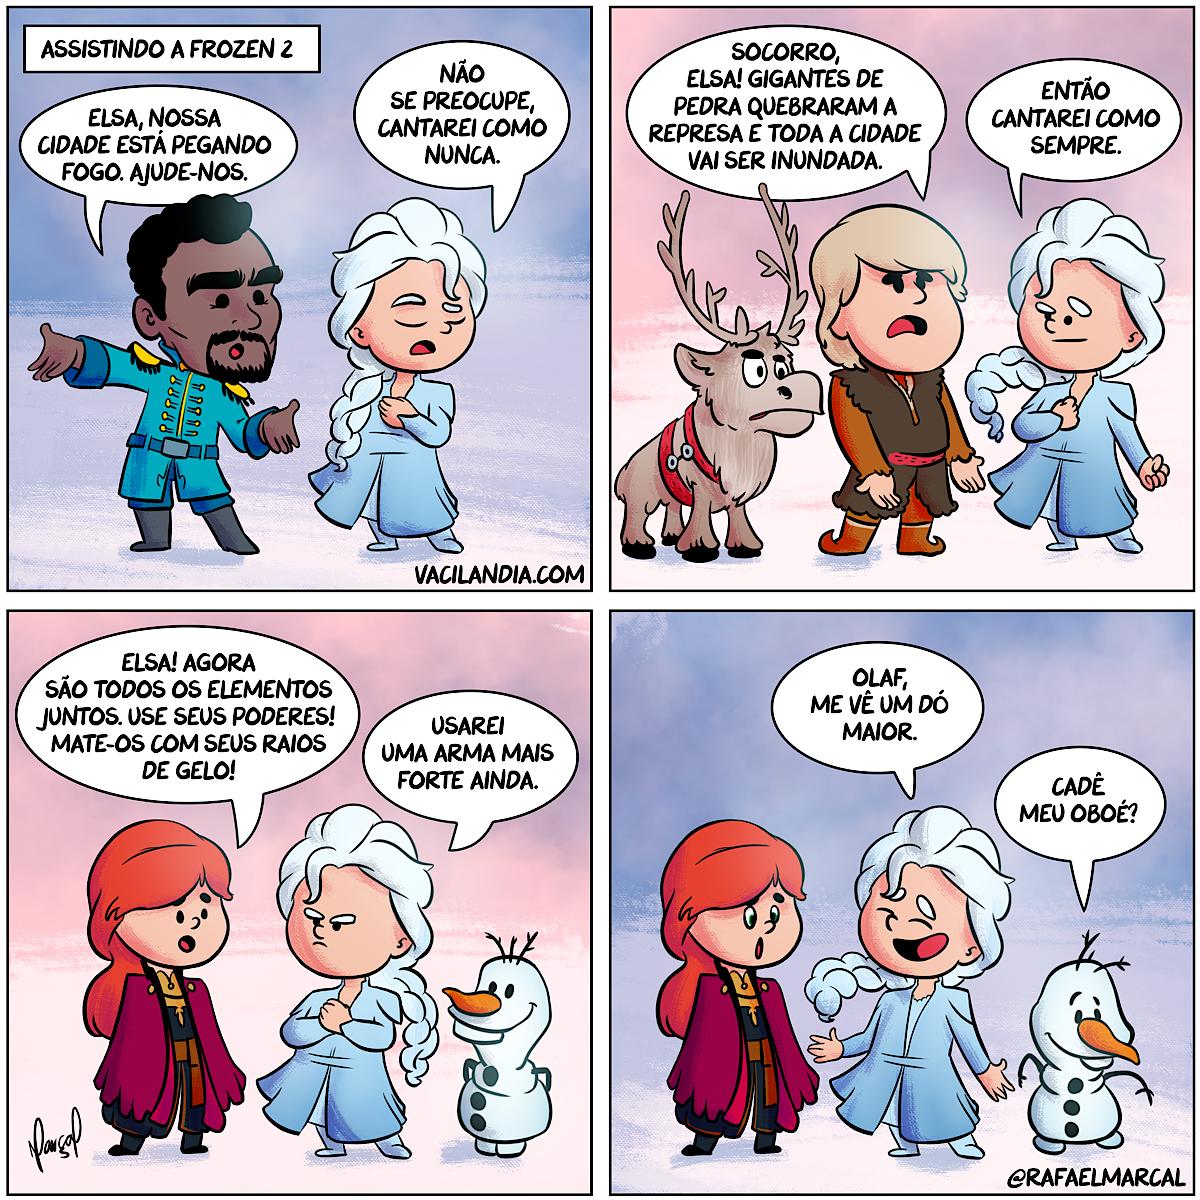 Bocoverso: Frozen 2 | webcomic, tirinhas, tirinha, sátira, sarcasmo, relacionamento, quadrinhos, prosopopéia, piada, musical, ironia, humor, hq, frozen, filme, Disney, cinema, casal, bocoverso